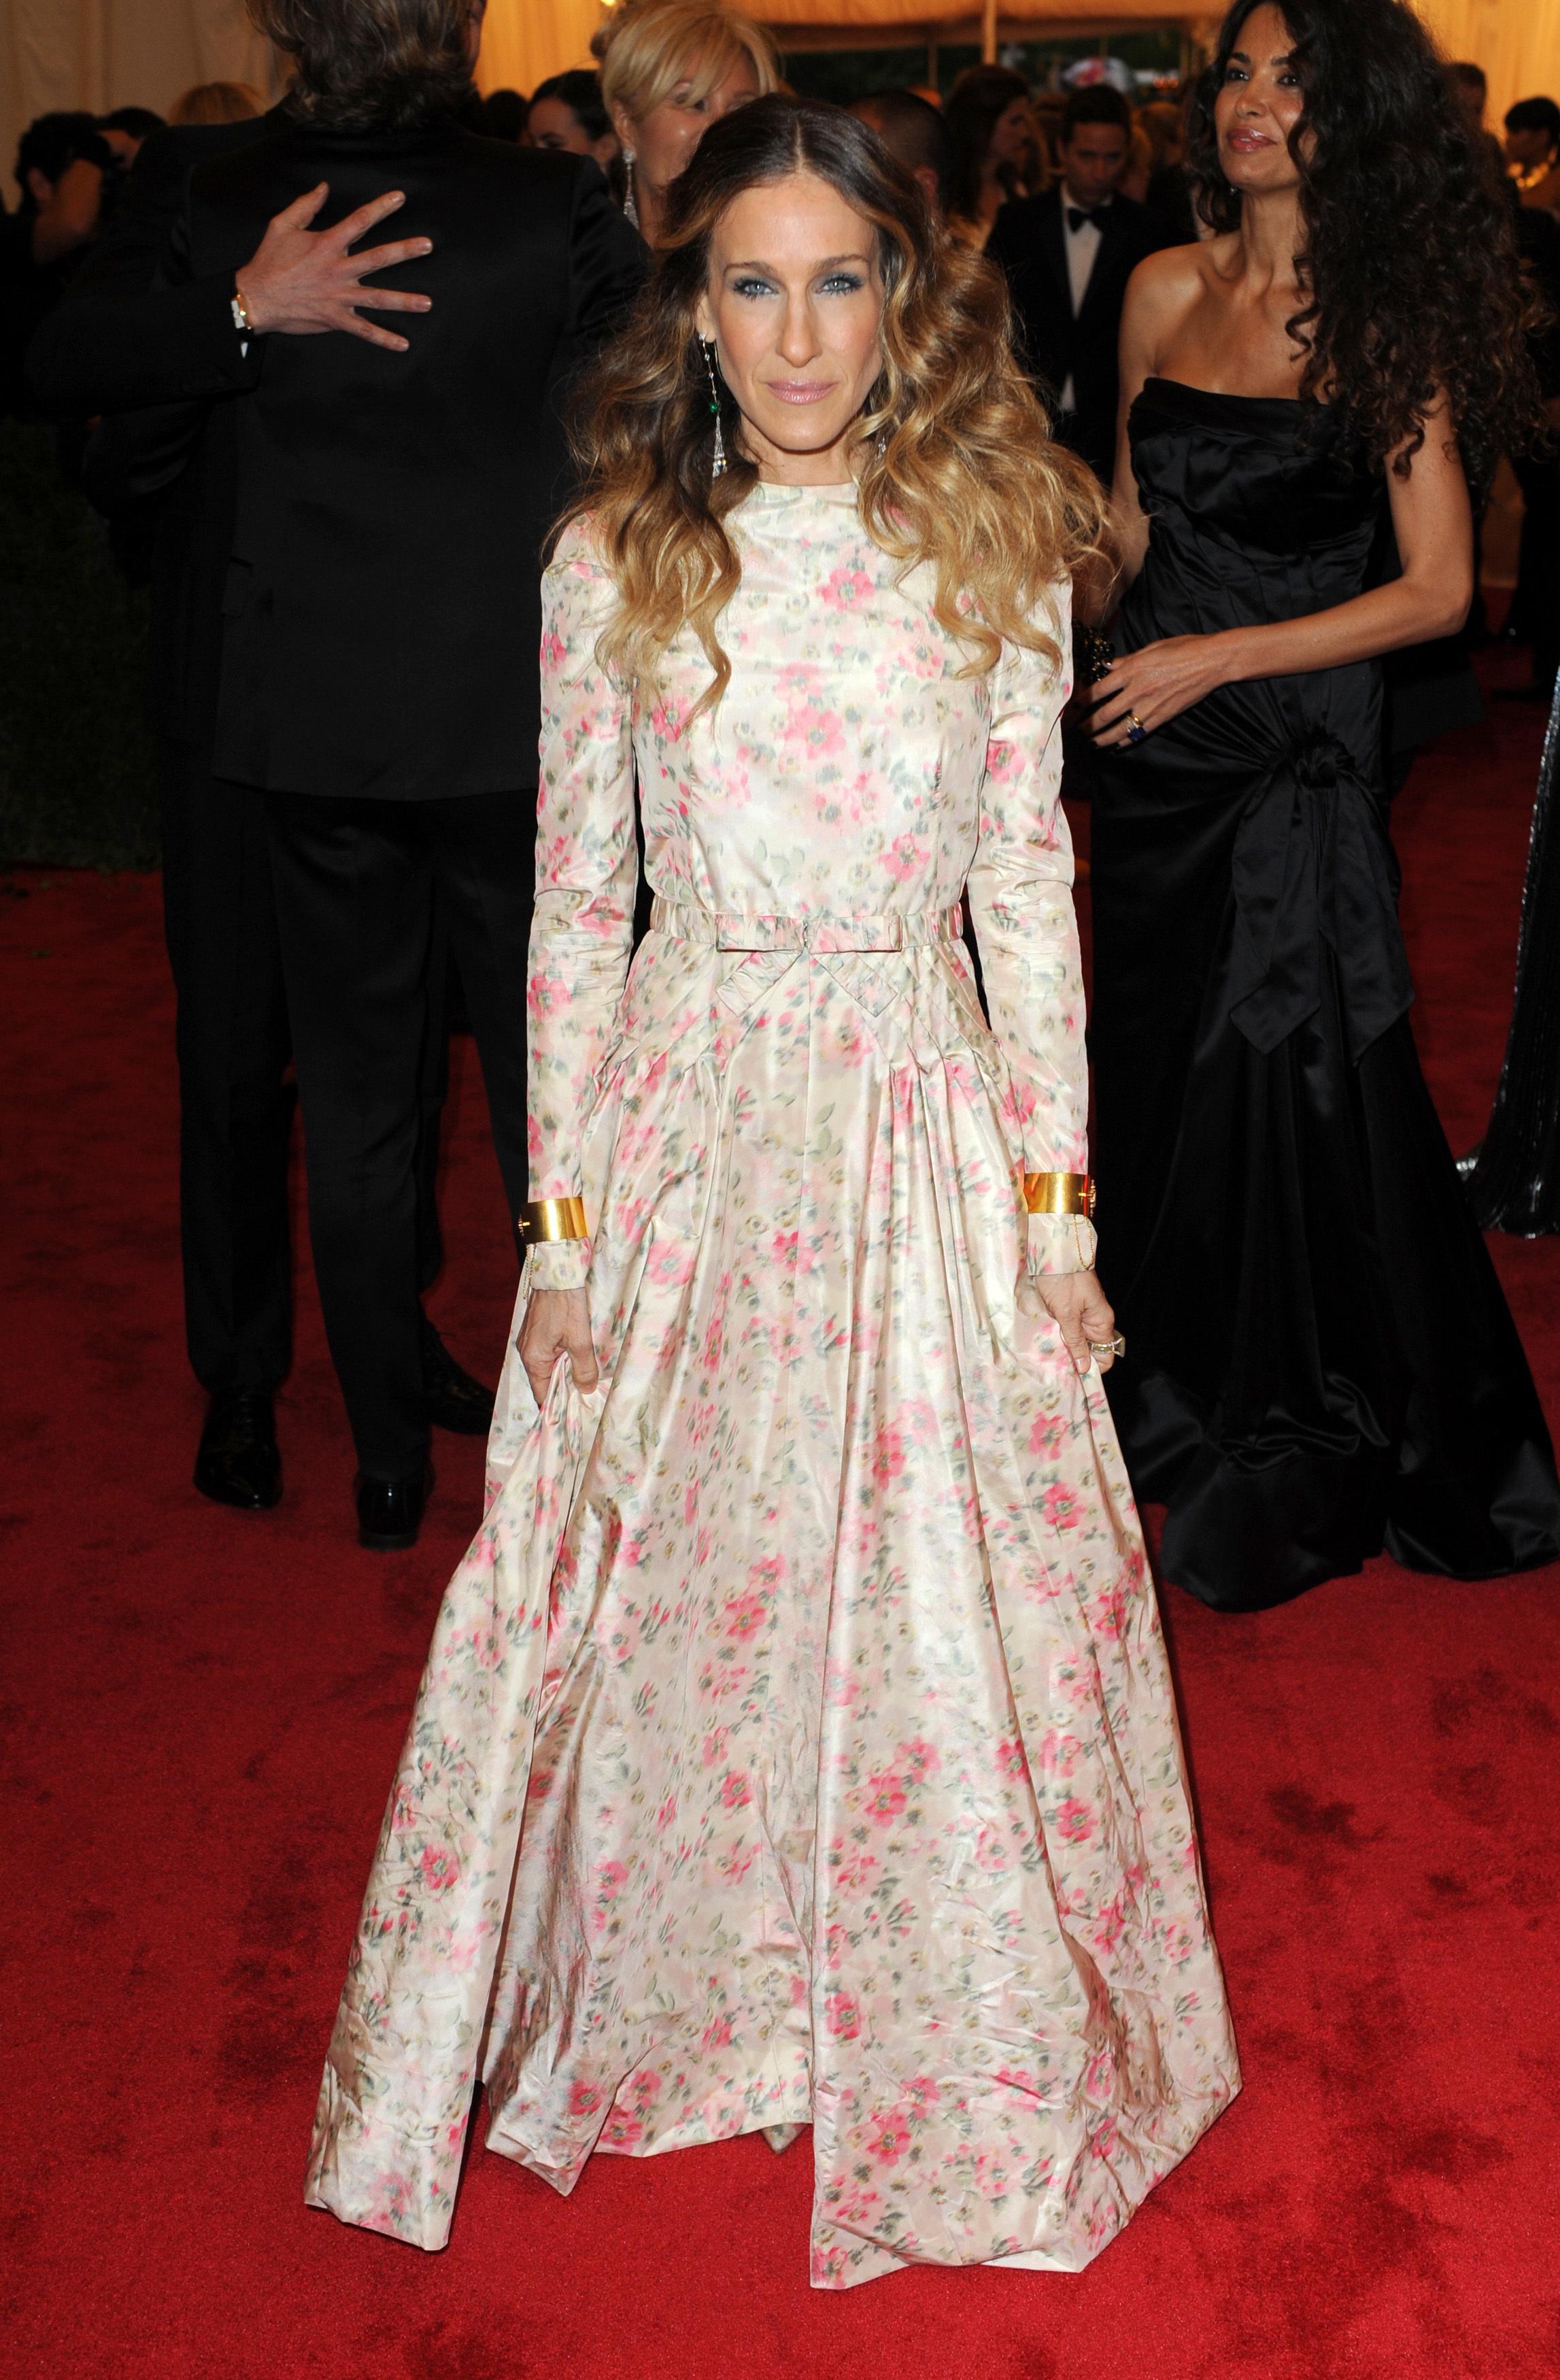 Valentino Floral Dress Sarah Jessica Parker Jessica Alba